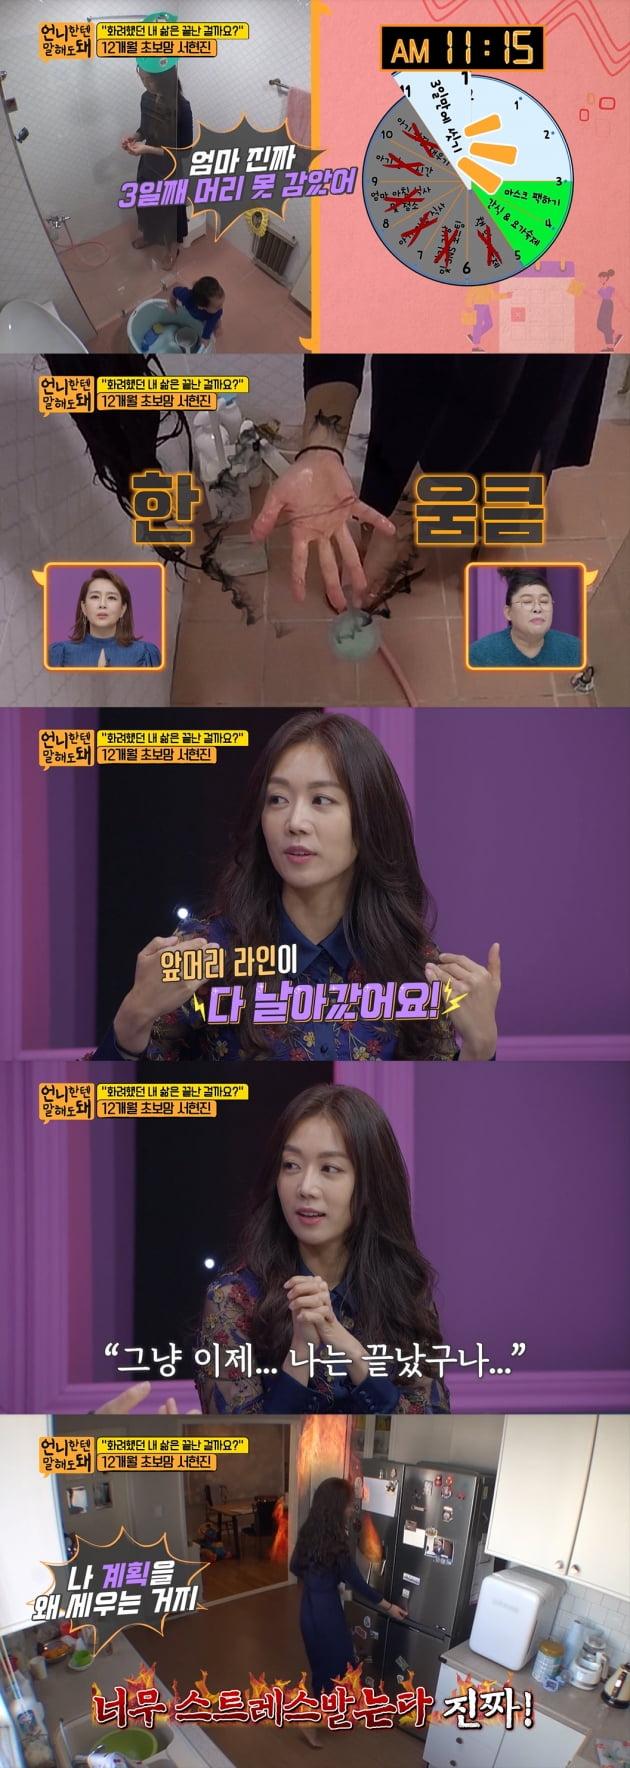 """'언니한텐' 서현진, 계획 강박+육아 고충 """"스트레스성 탈모 왔다"""" [종합]"""